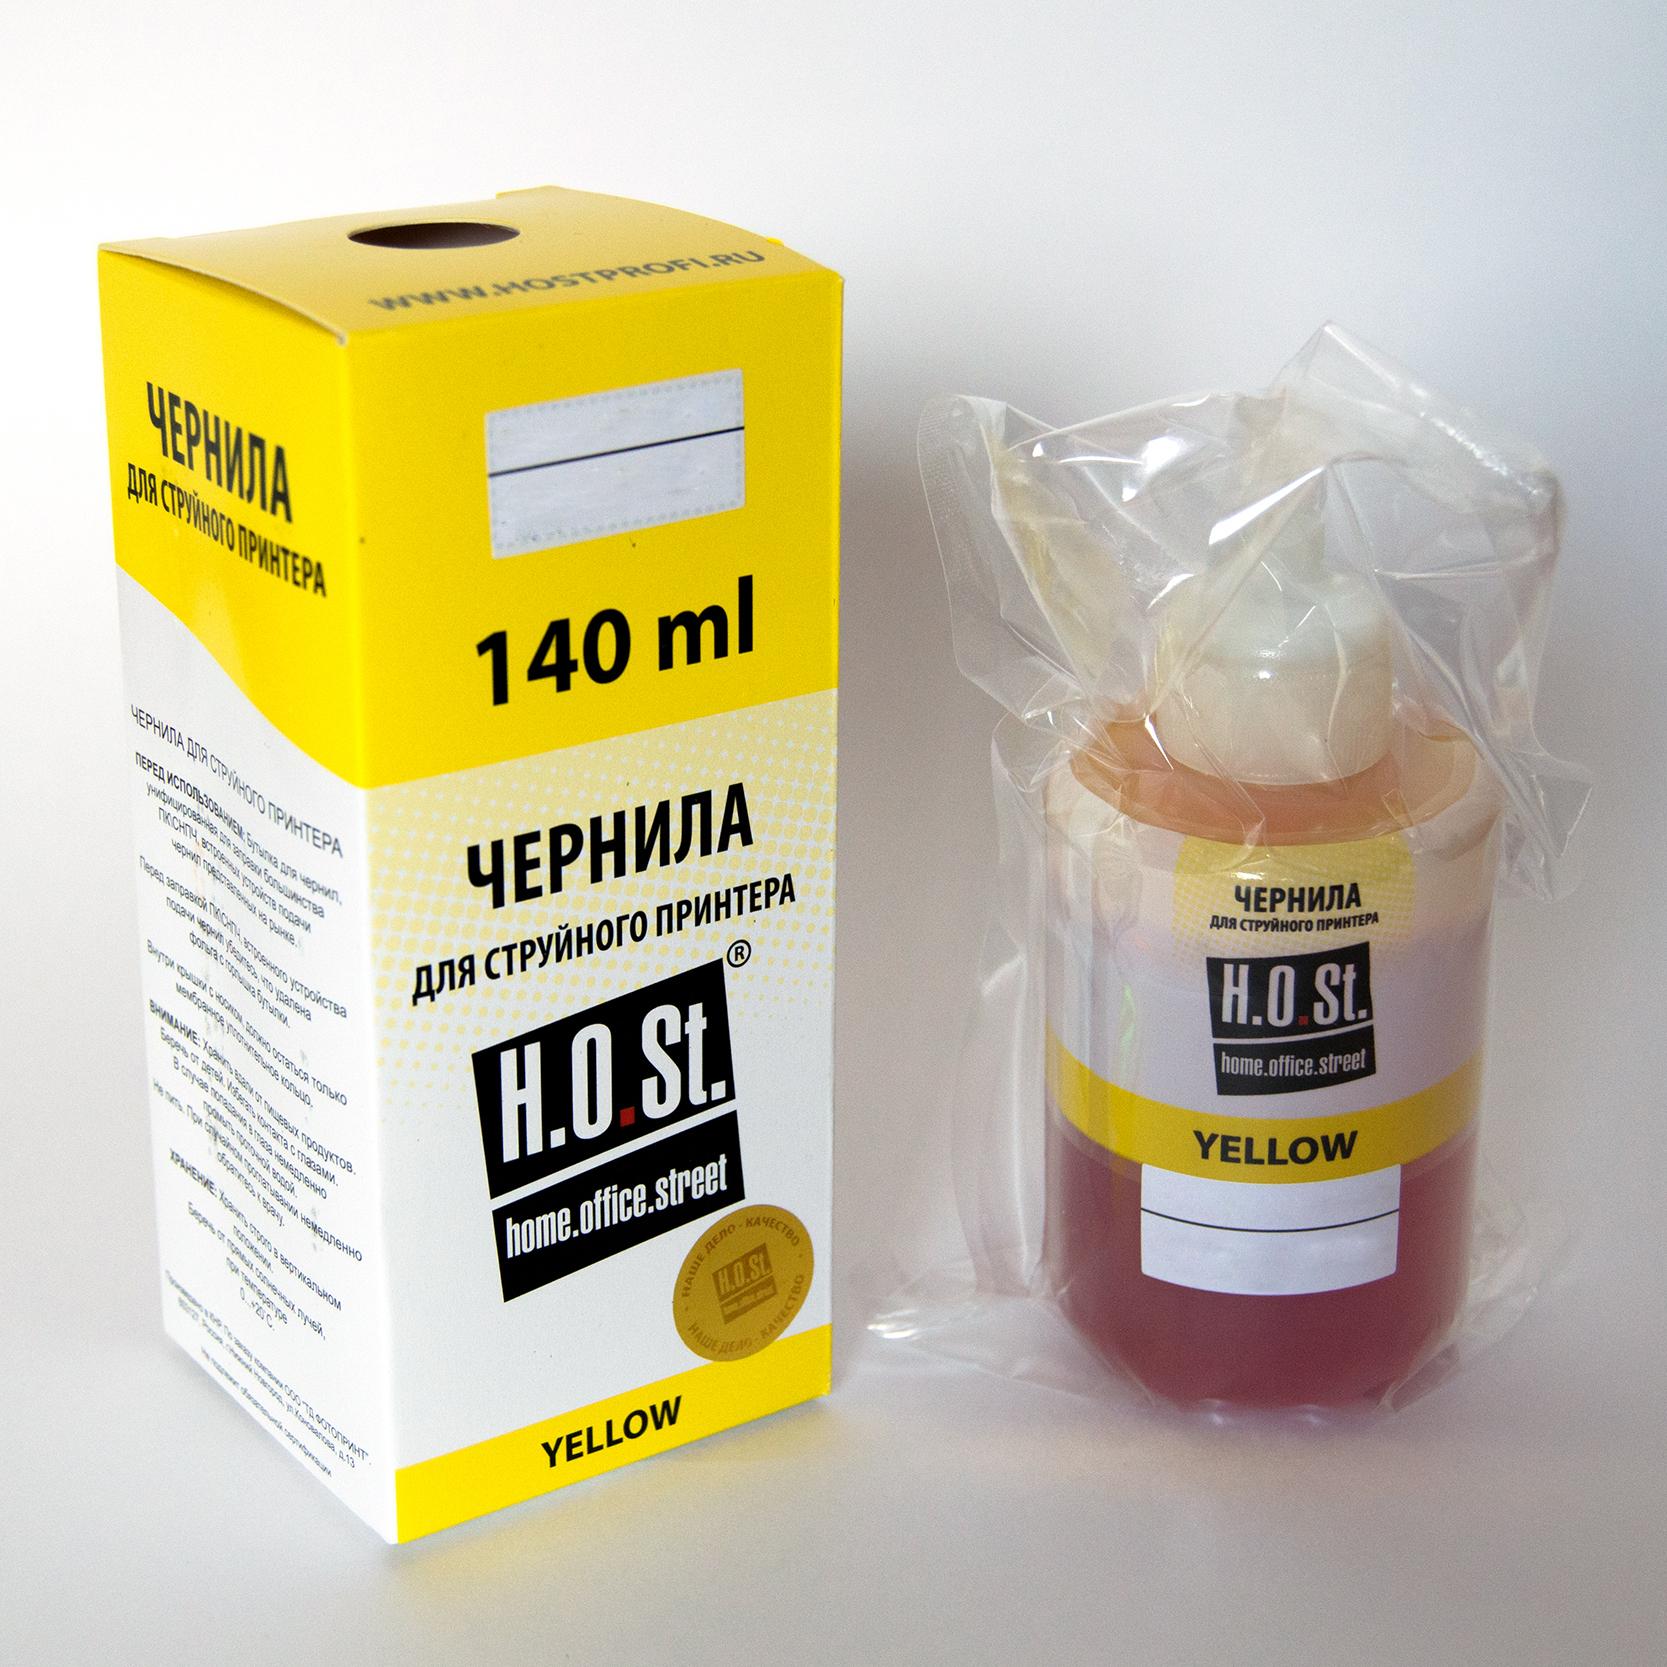 Чернила HOSt для Epson S22 Yellow водные Премиум 140ml